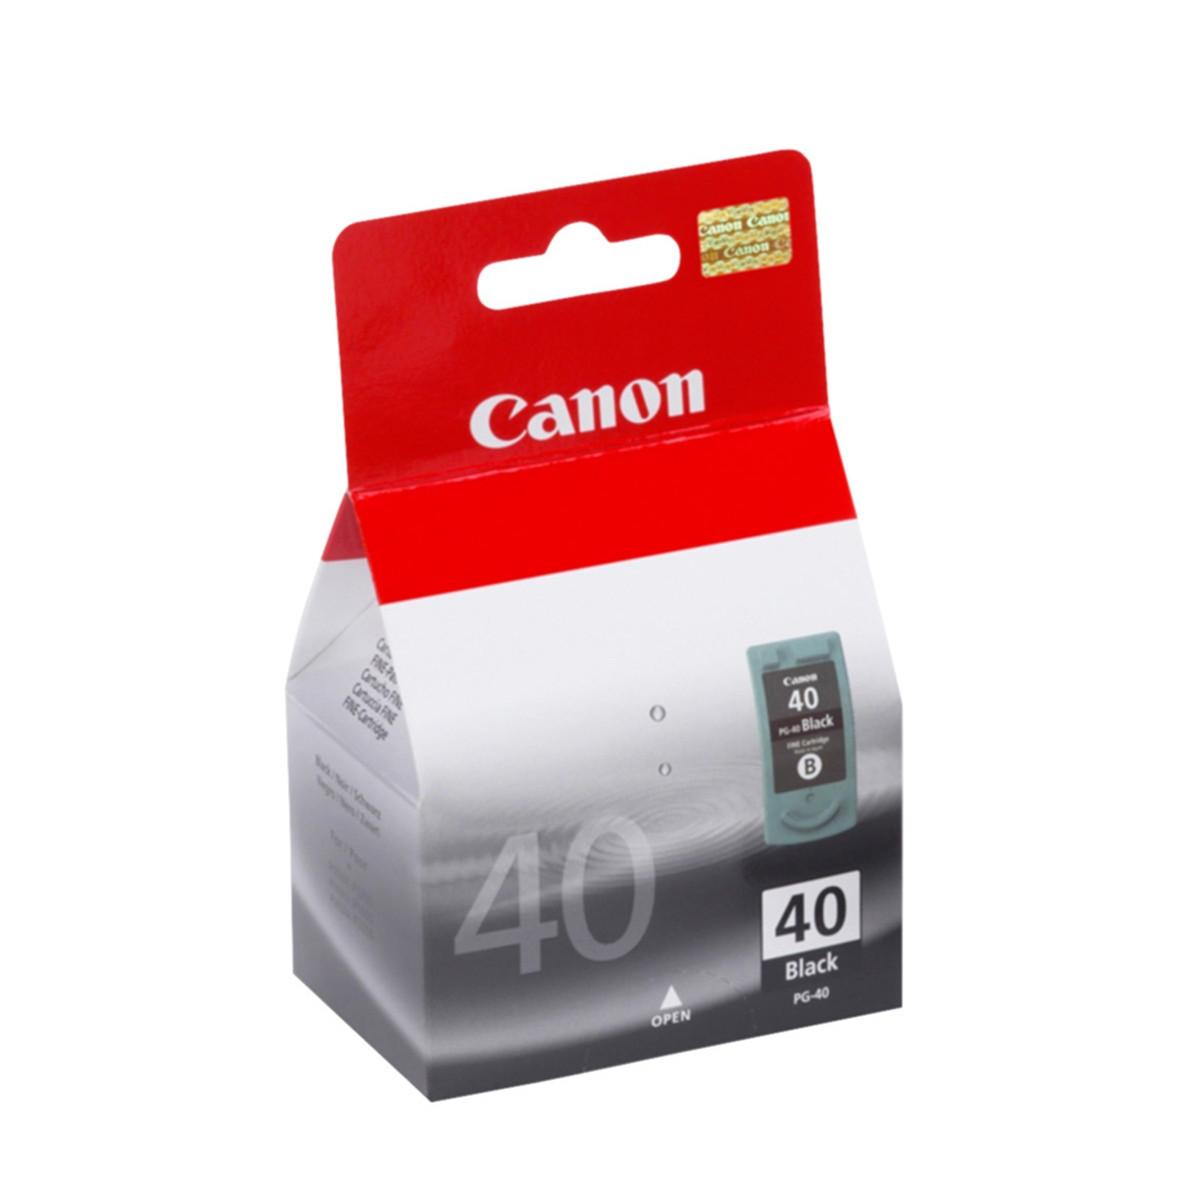 Cartucho de Tinta Canon PG40 PG-40 Preto | Original 16ml